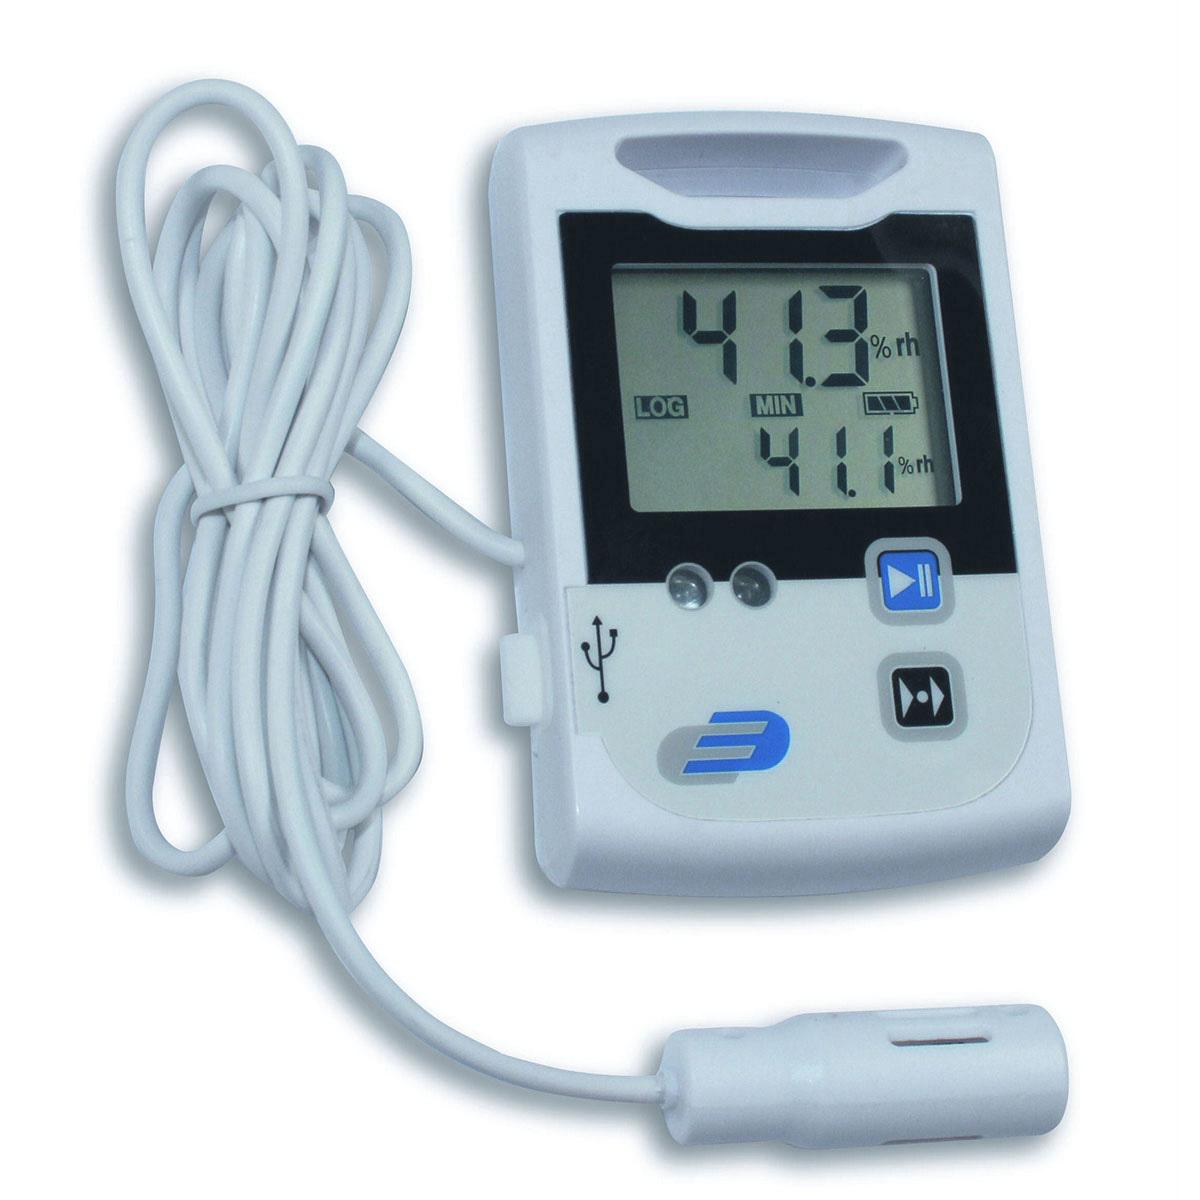 31-1045-datenlogger-für-temperatur-und-feuchte-log110-exf-1200x1200px.jpg